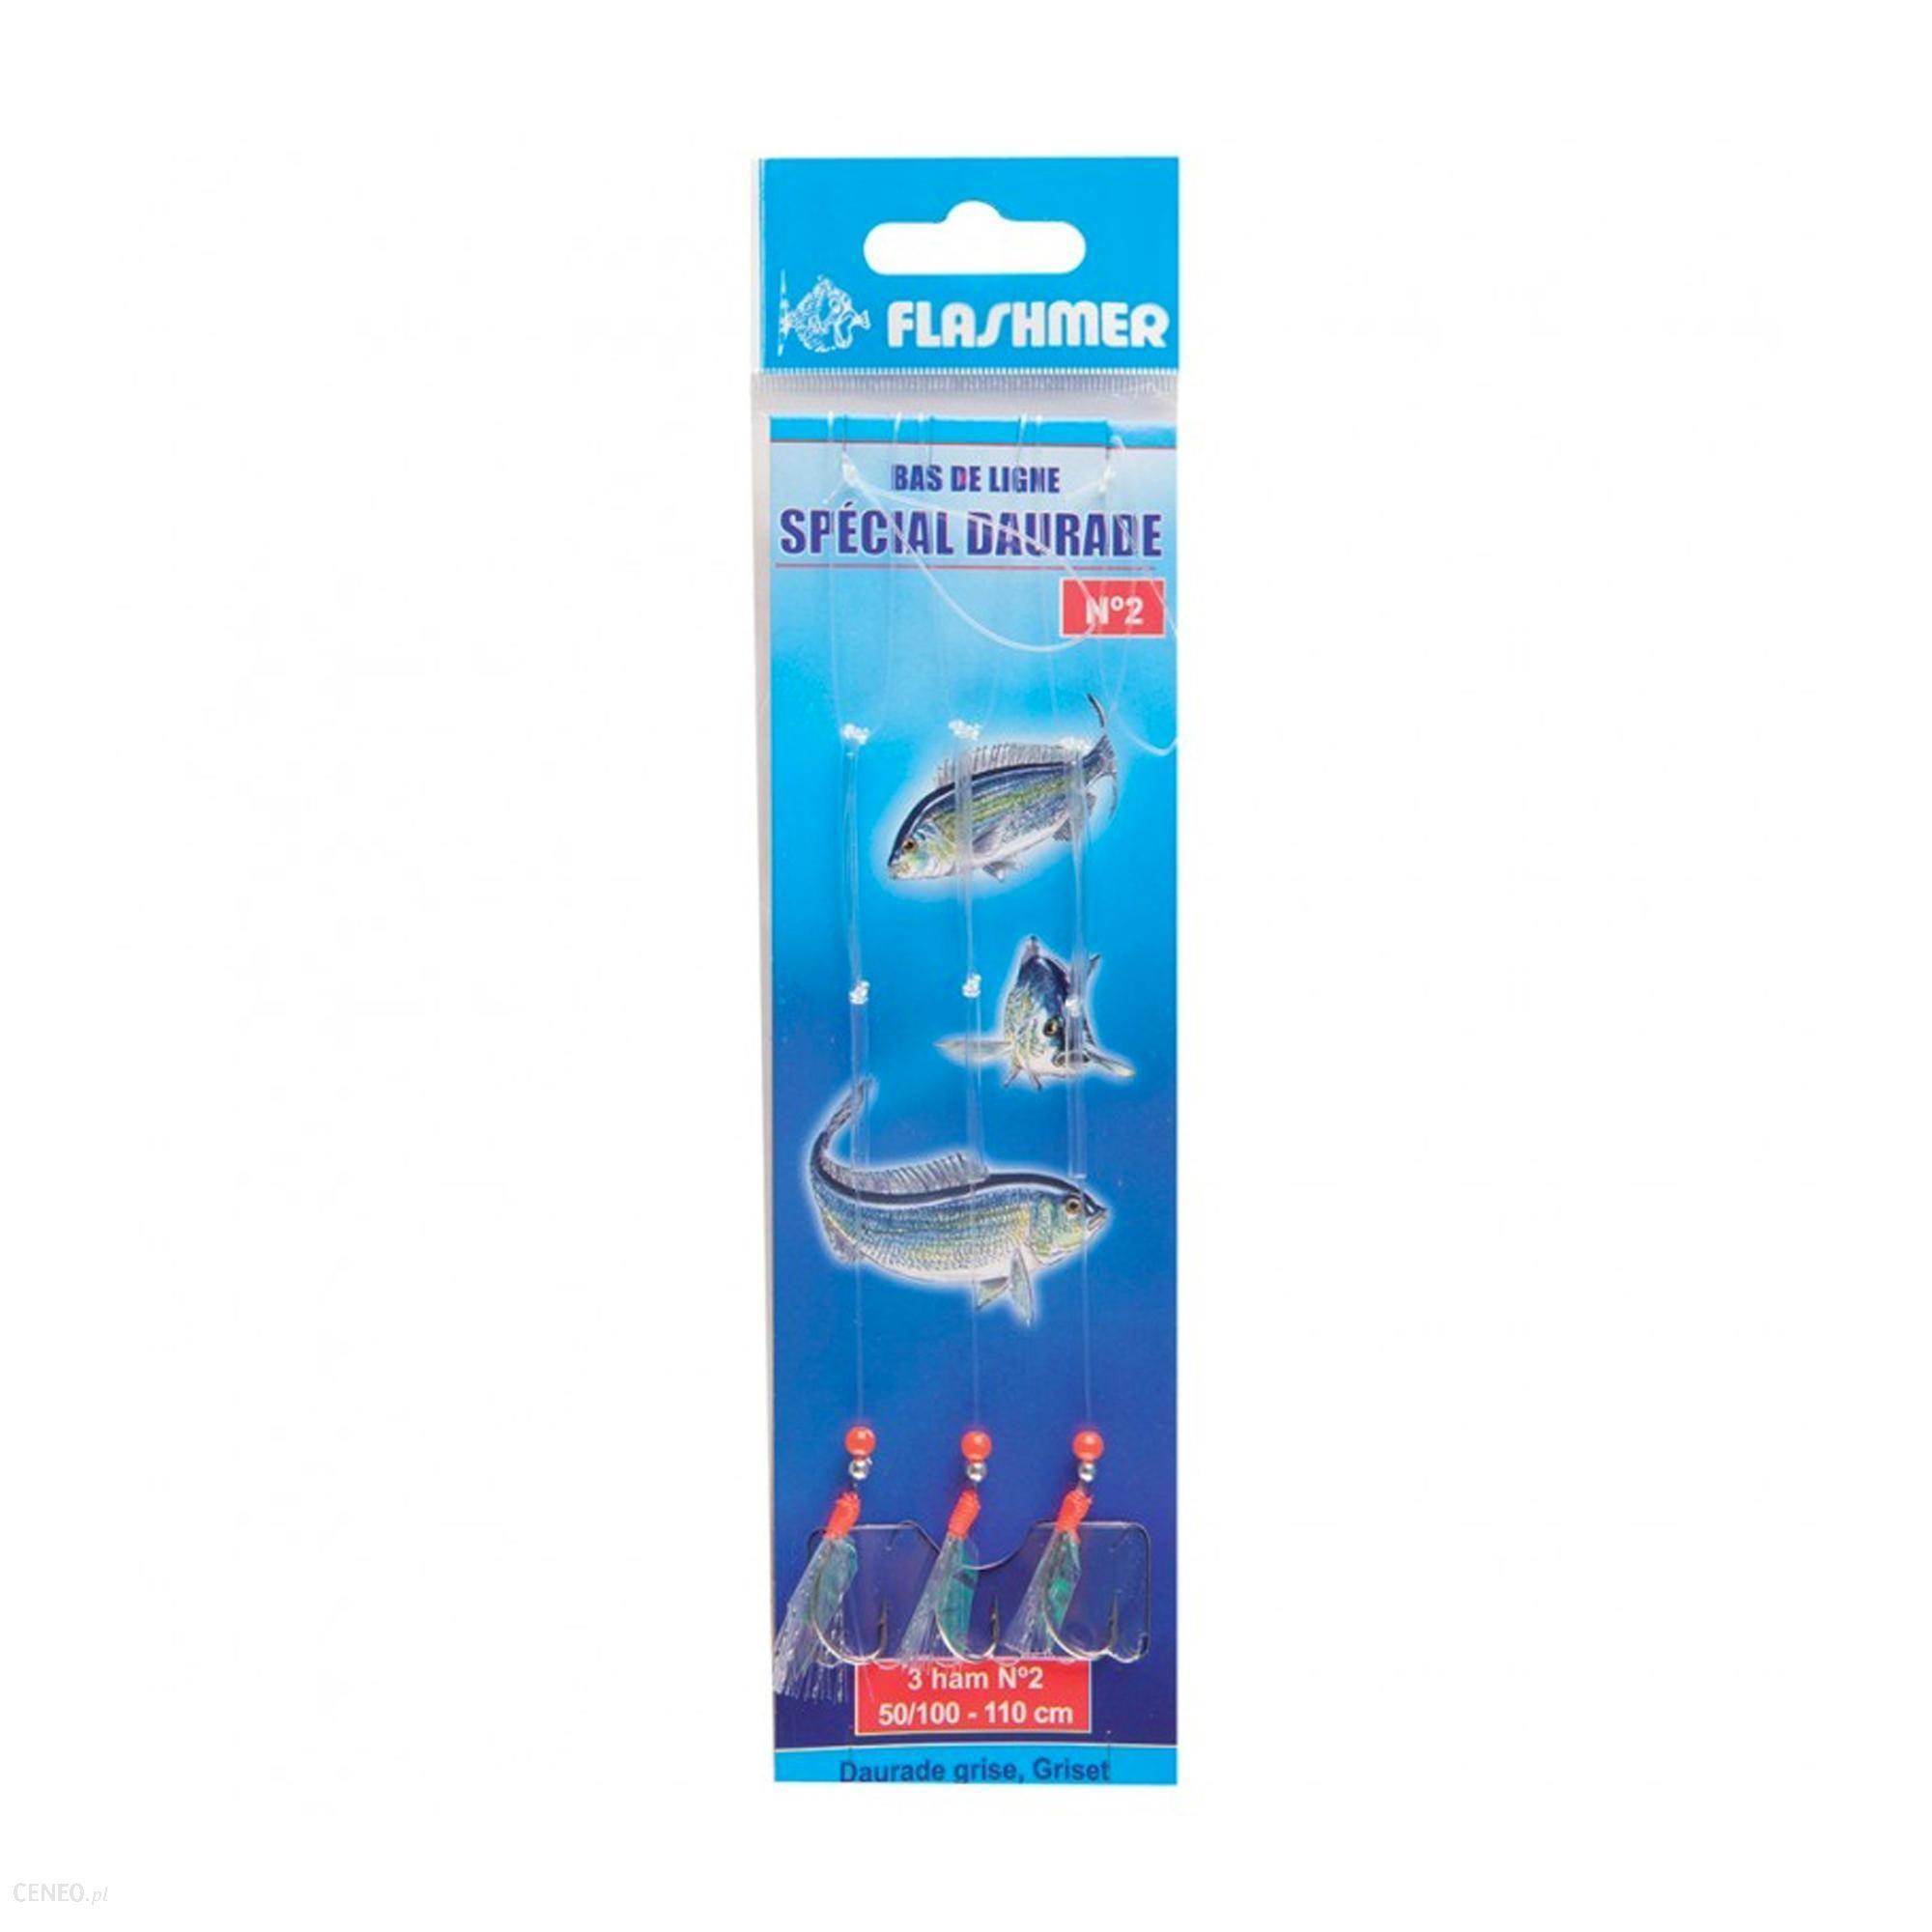 Flashmer Przypon Morski Na Dorady 3 Haczyki Nr 2